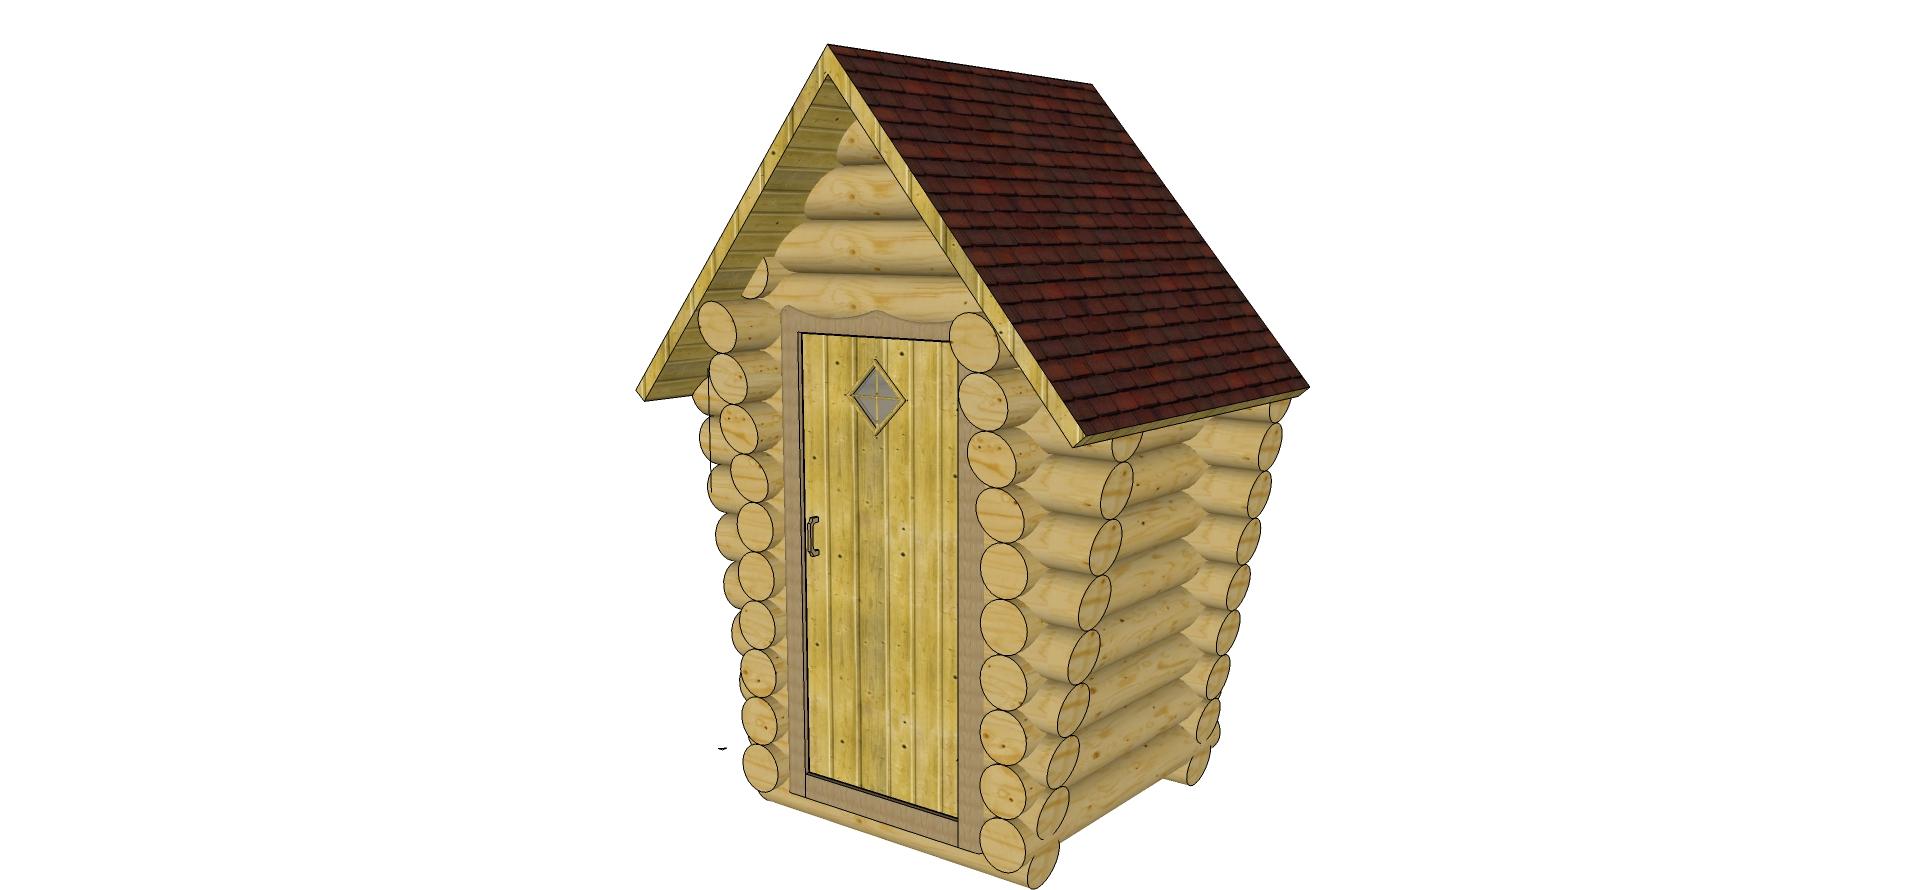 Туалет на даче своими руками: чертежи, размеры, как построить